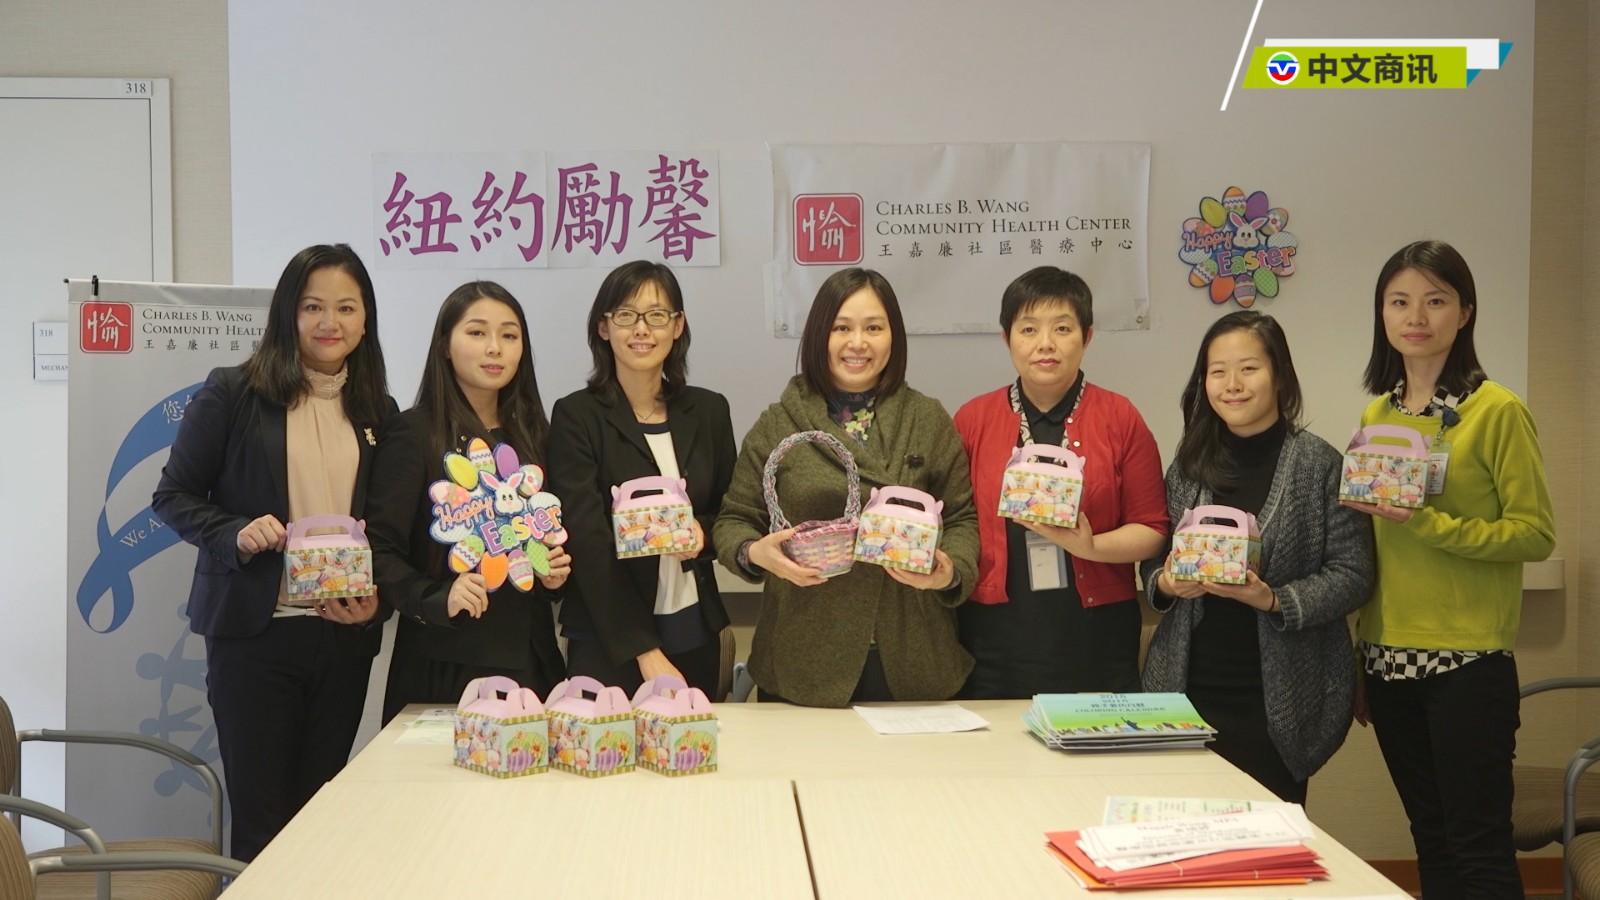 【视频】王嘉廉社区医疗中心举办春季家庭同乐日活动